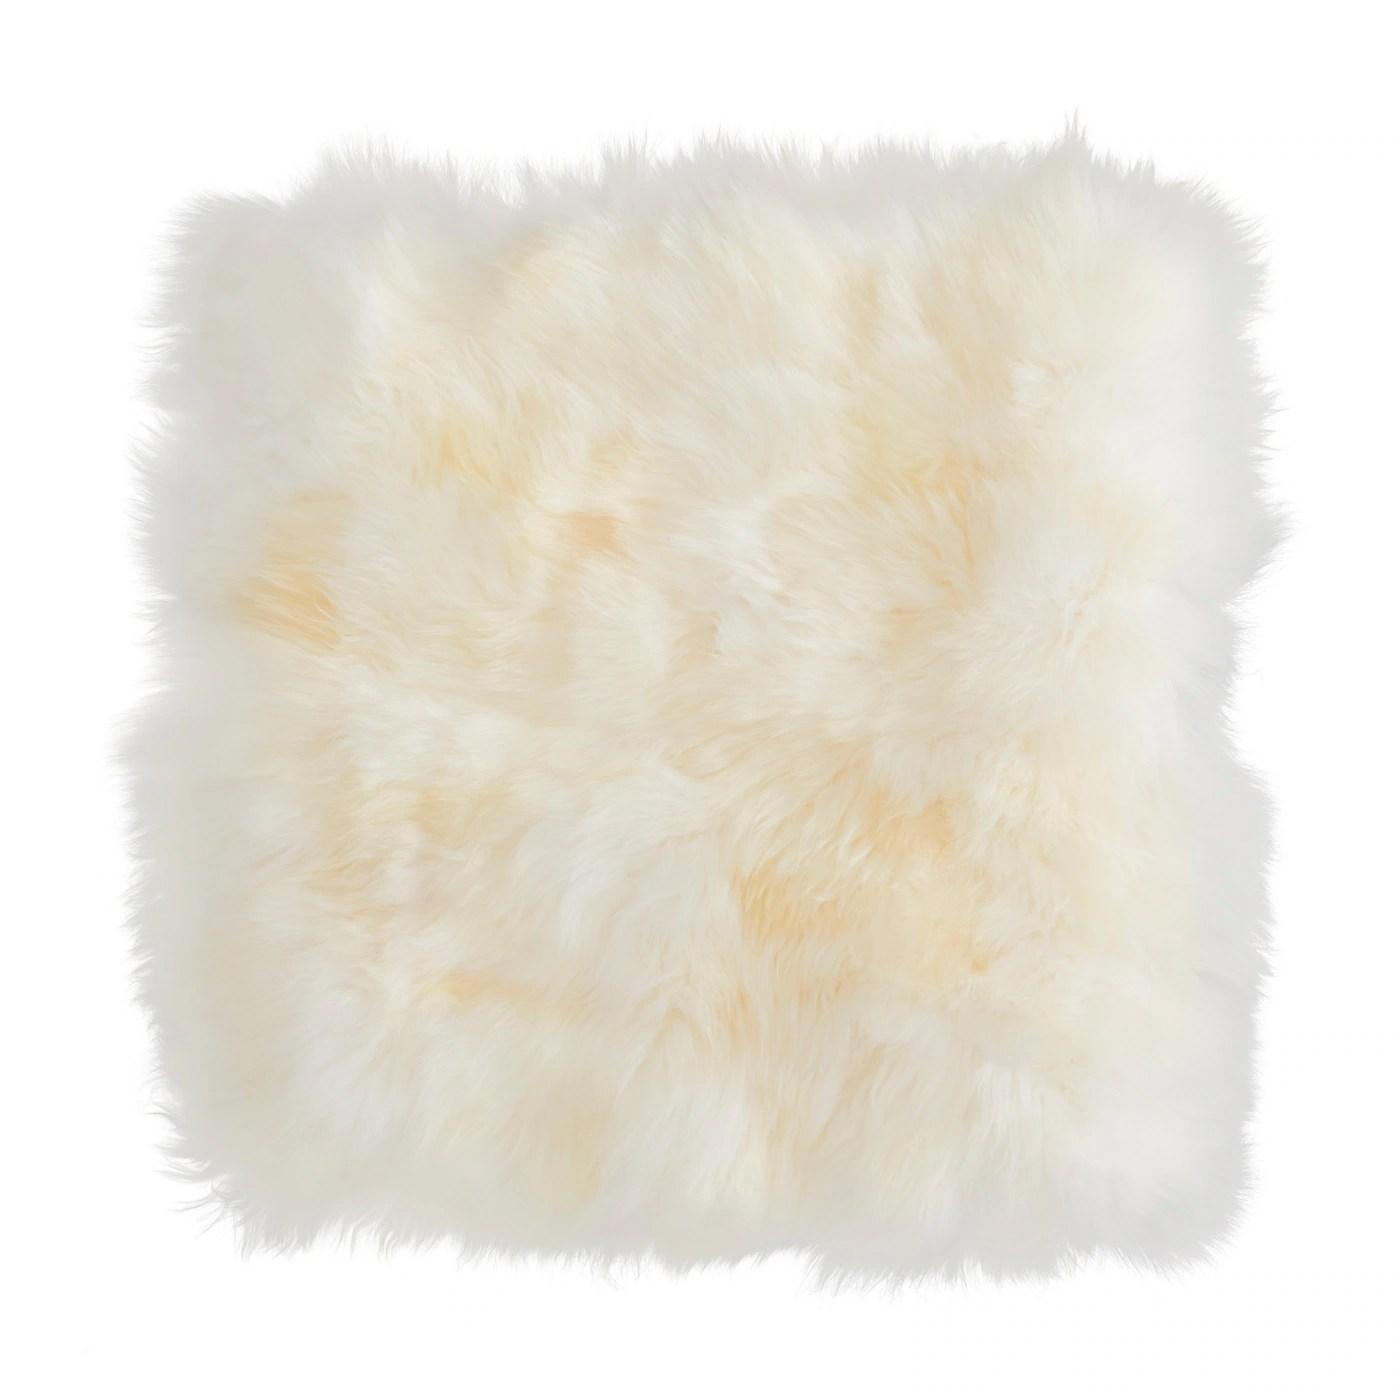 skold cushion cover 20x20